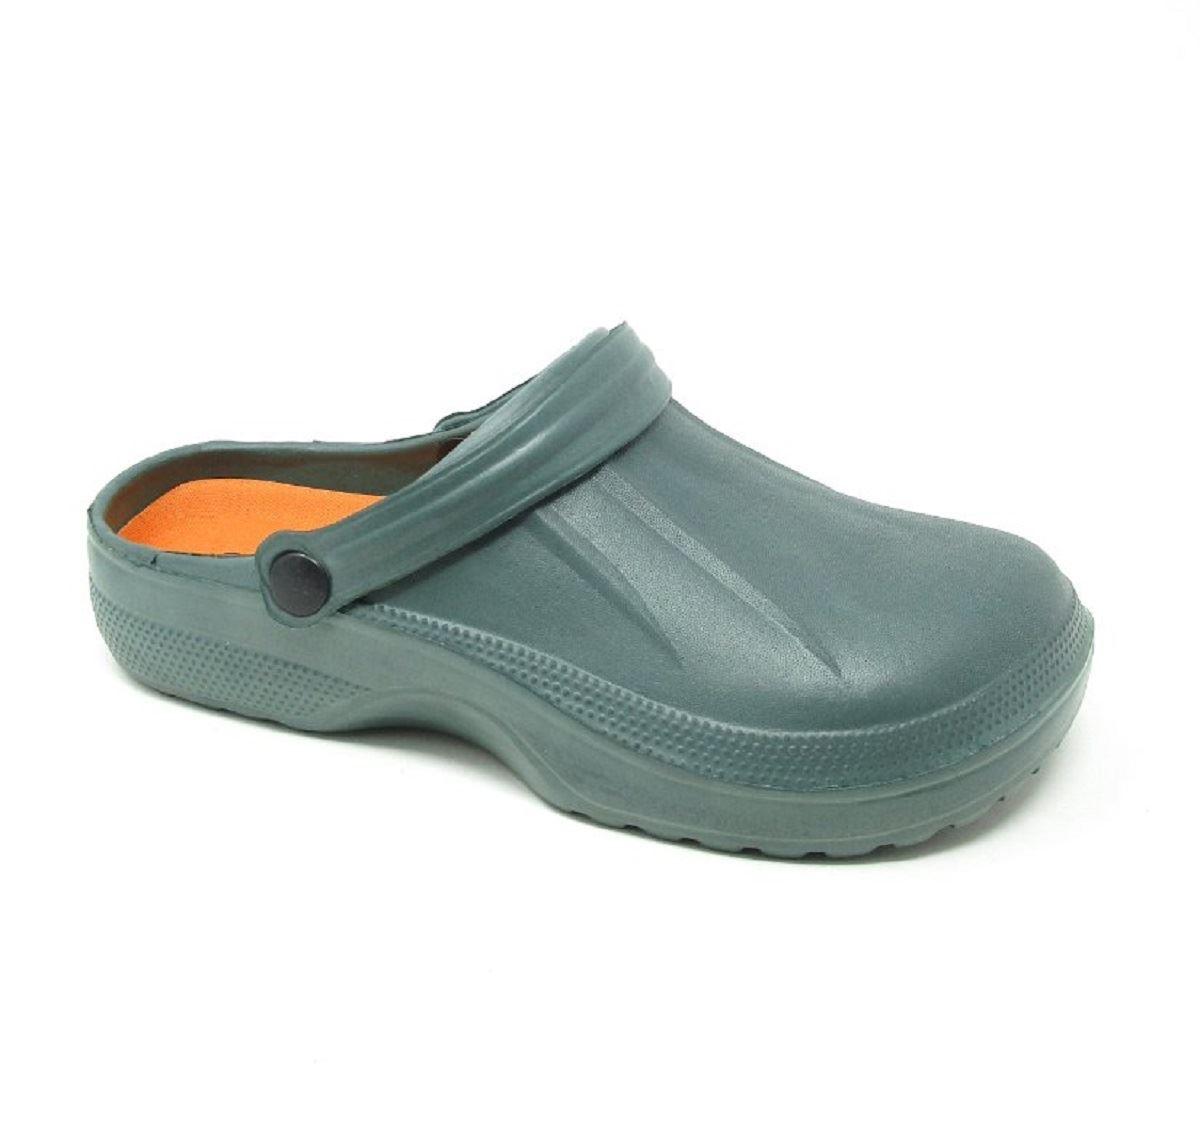 Womens-Clogs-Mules-Slipper-Nursing-Garden-Beach-Sandals-Hospital-Rubber-Shoes miniatura 16